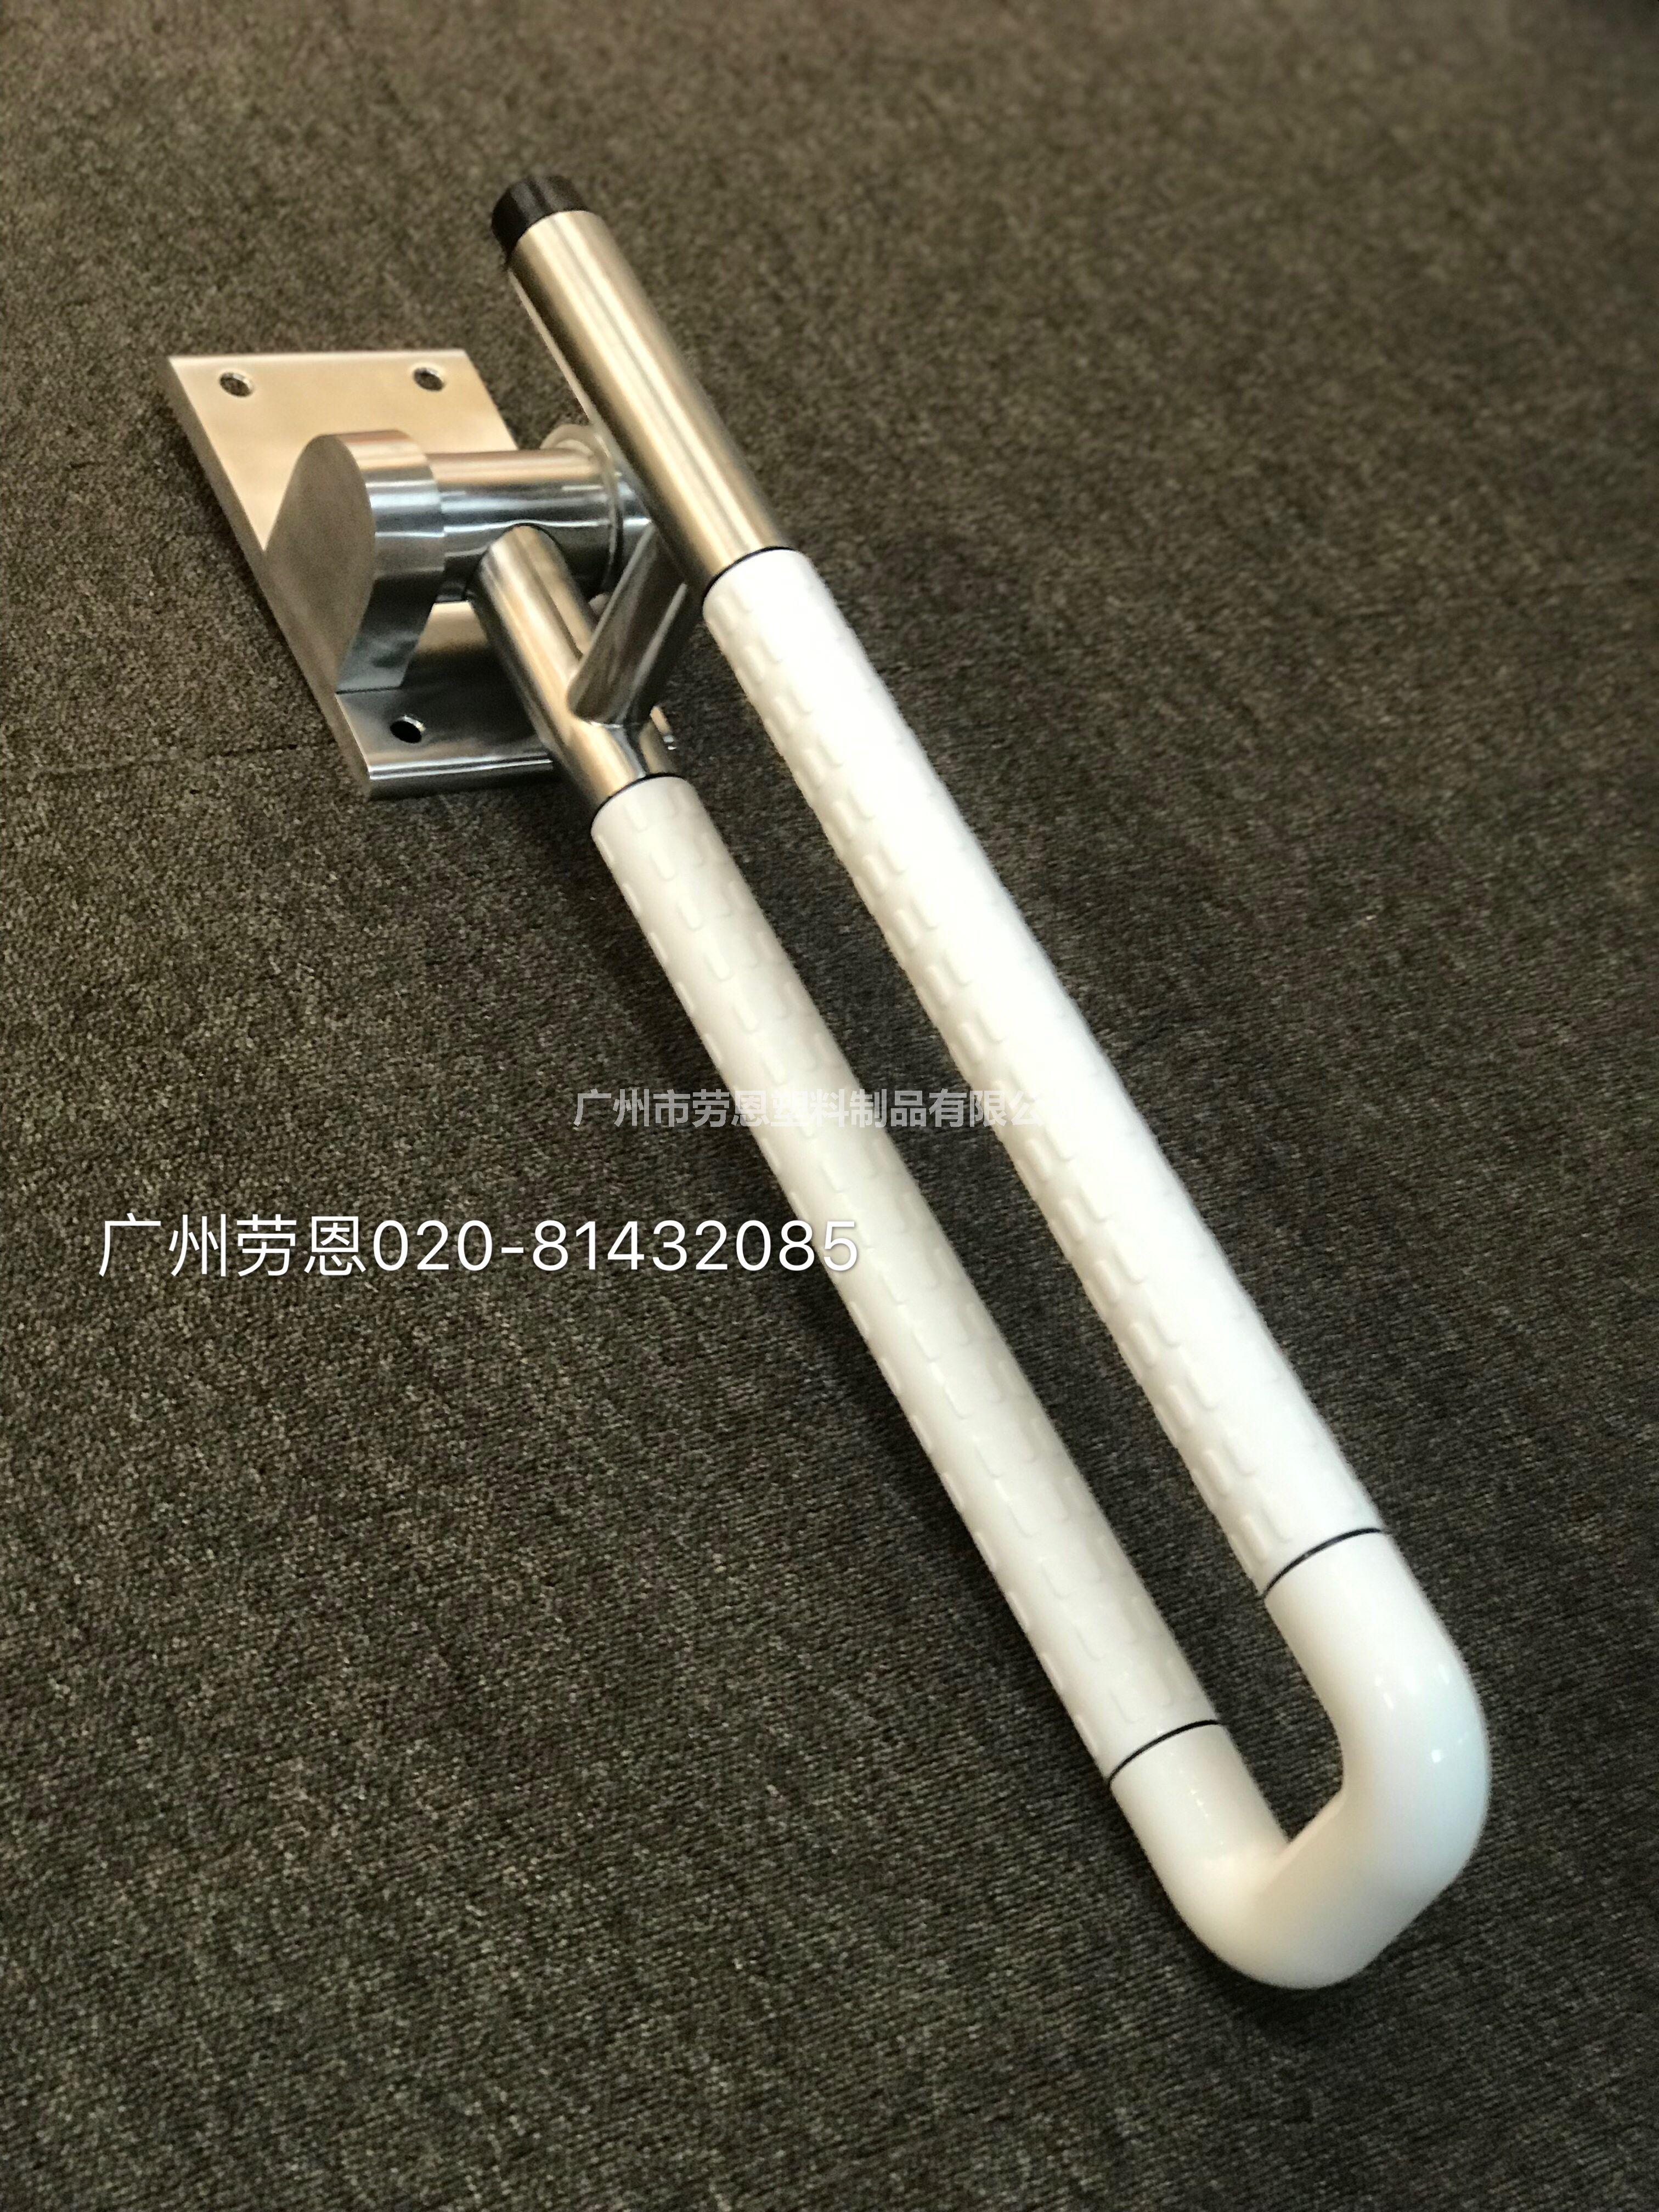 新款U型不銹鋼底板半尼龍上翻扶手LE-W15-5白色-勞恩塑料制品